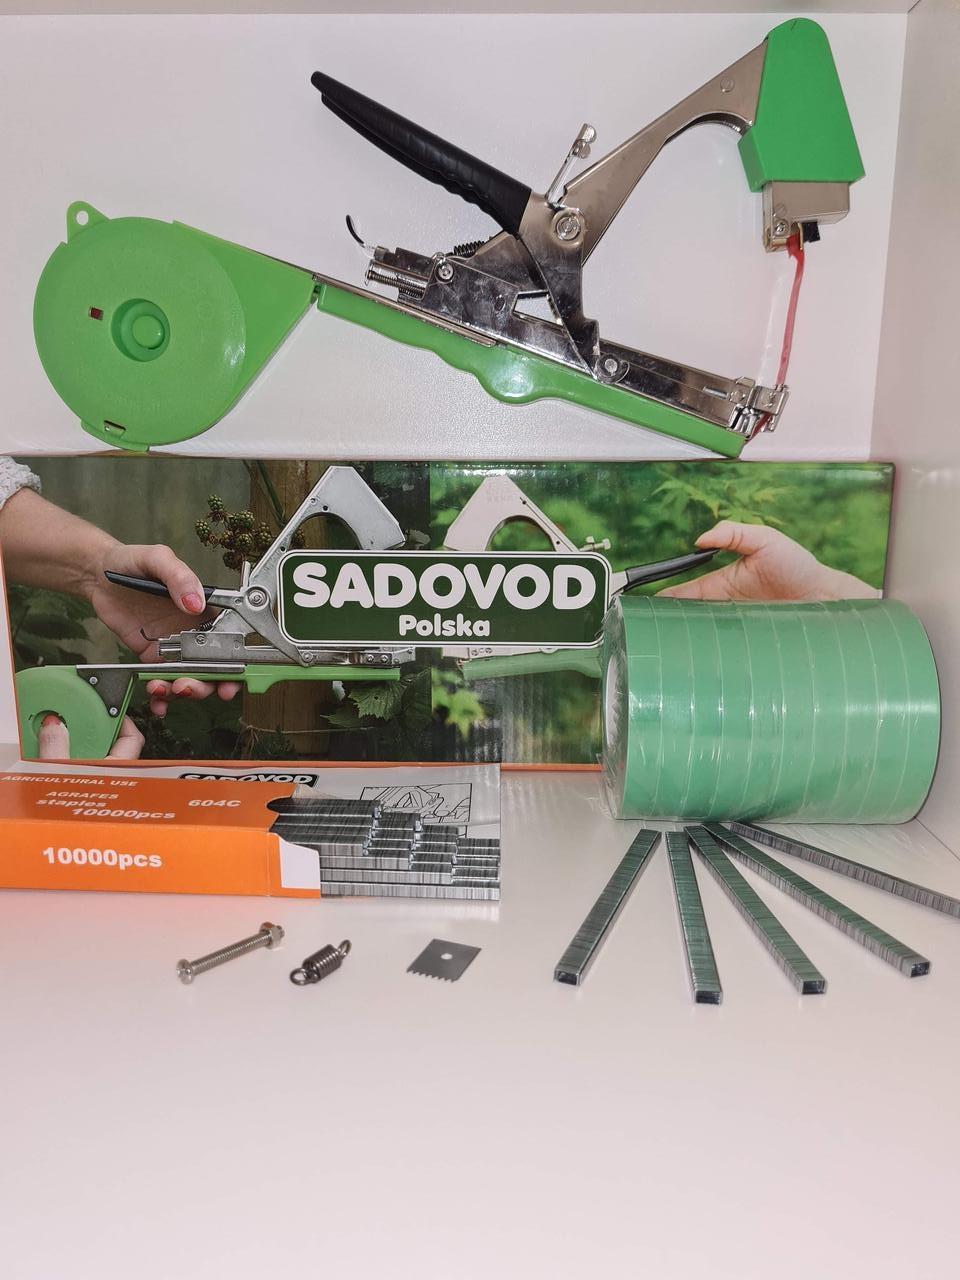 ПРОФИ НАБОР для повязки растений SADOVOD: тапенер, лента 10 бабін 150 мкр + 10000 скоб